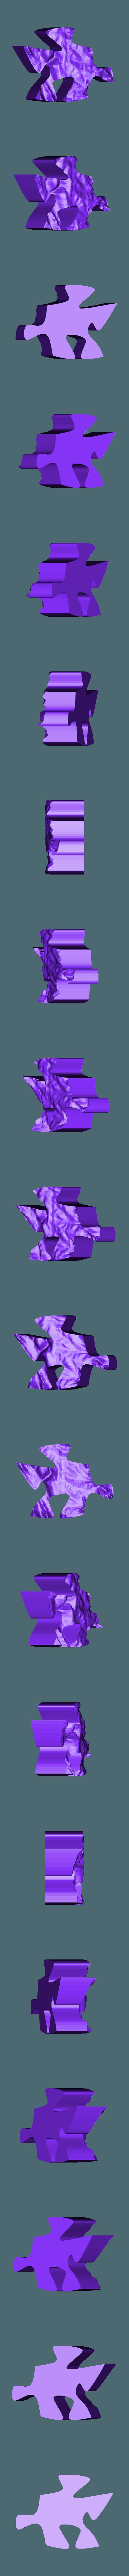 60.stl Télécharger fichier STL gratuit Echelle épique - Terrain - Zion NP • Objet à imprimer en 3D, TCP491016